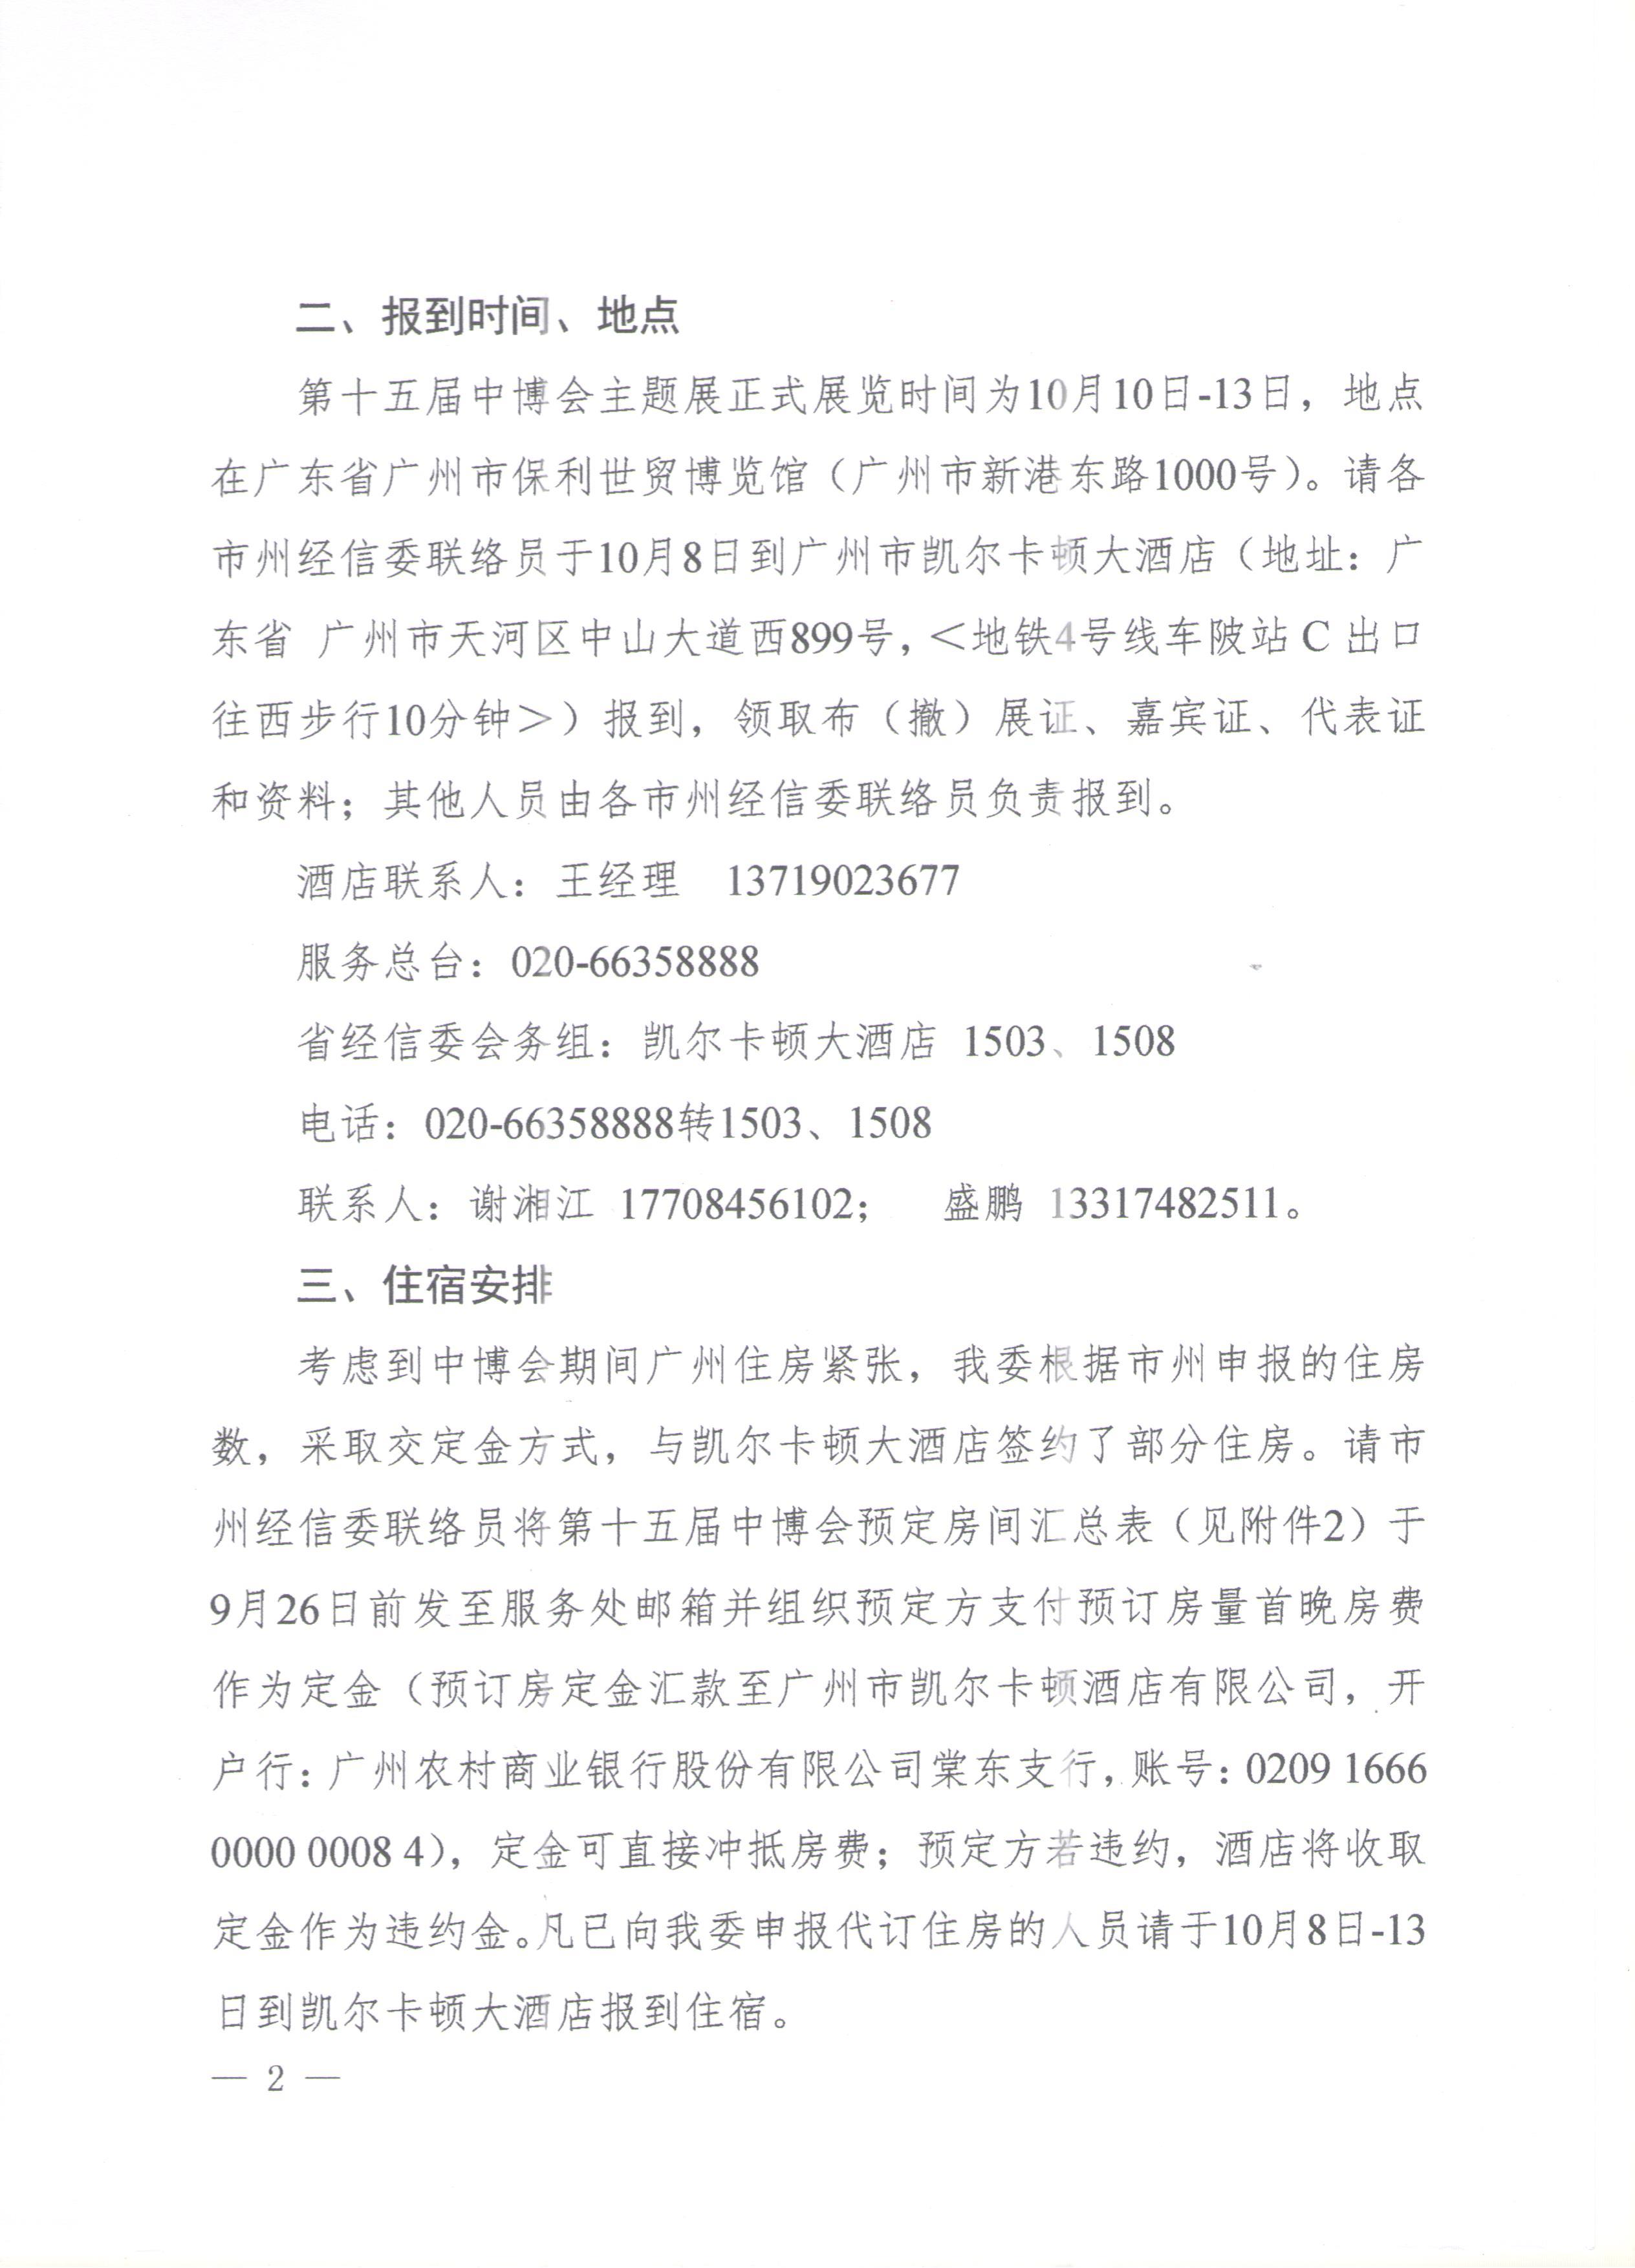 第十五届中国国际中小企业博览会